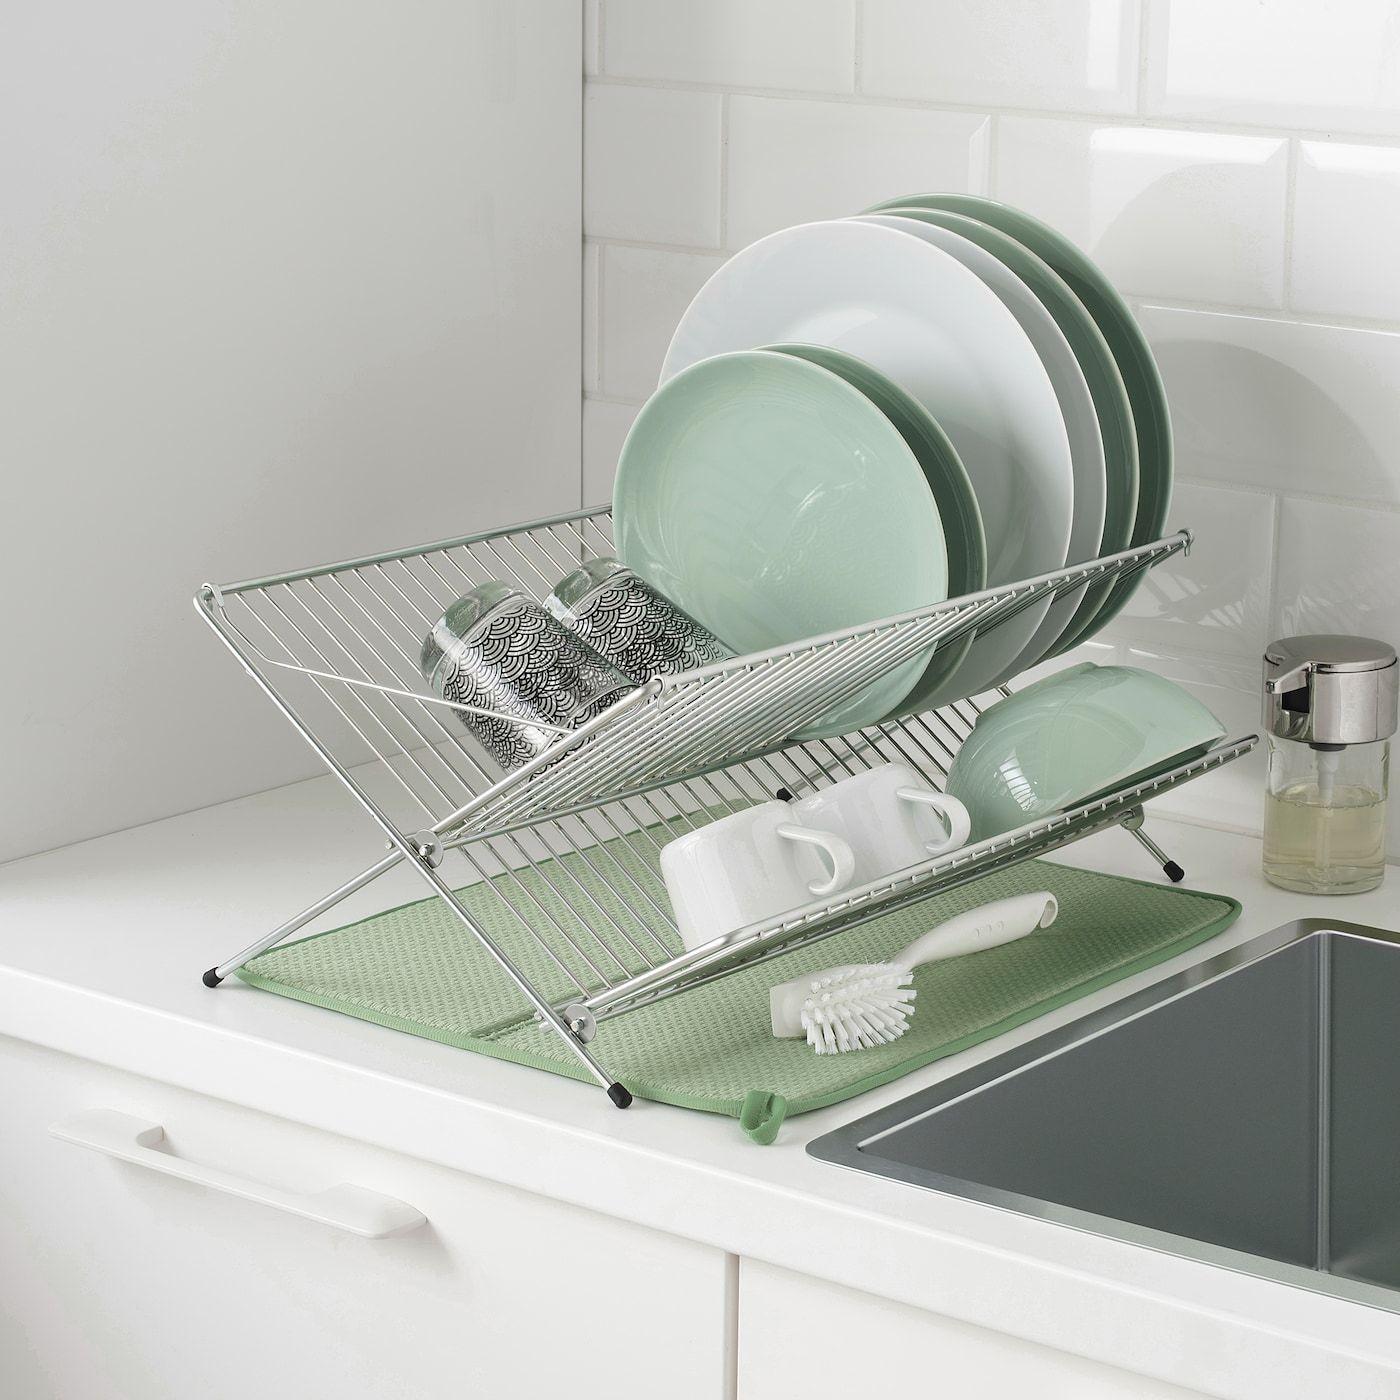 Ikea Nyskoljd Dish Drying Mat In 2020 Dish Drying Mat Ikea Washing Dishes